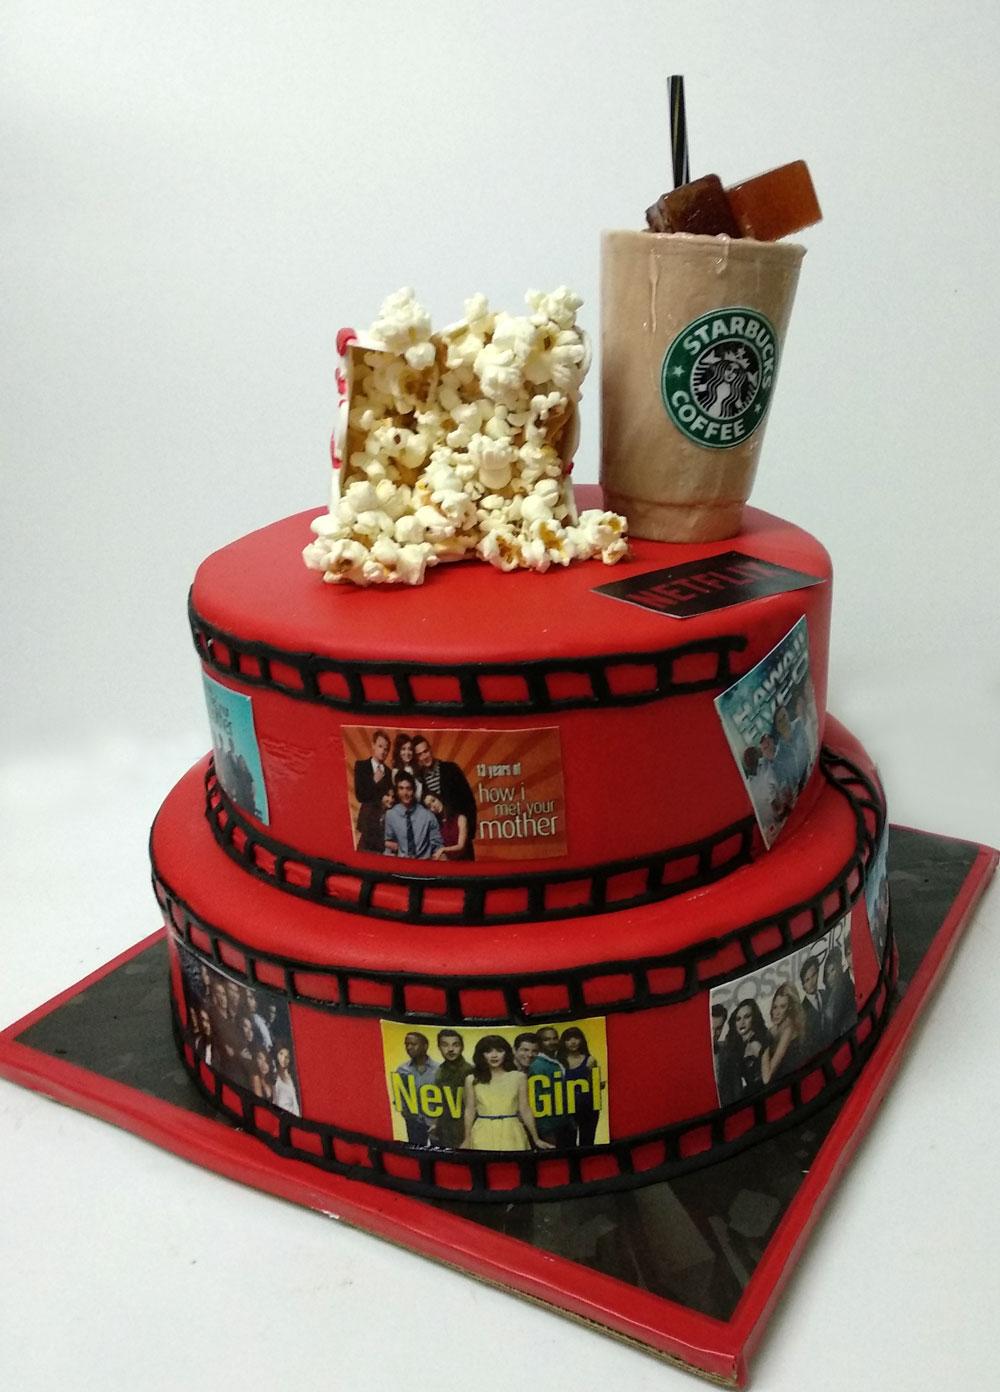 Netflix Cake Kosher Cakery